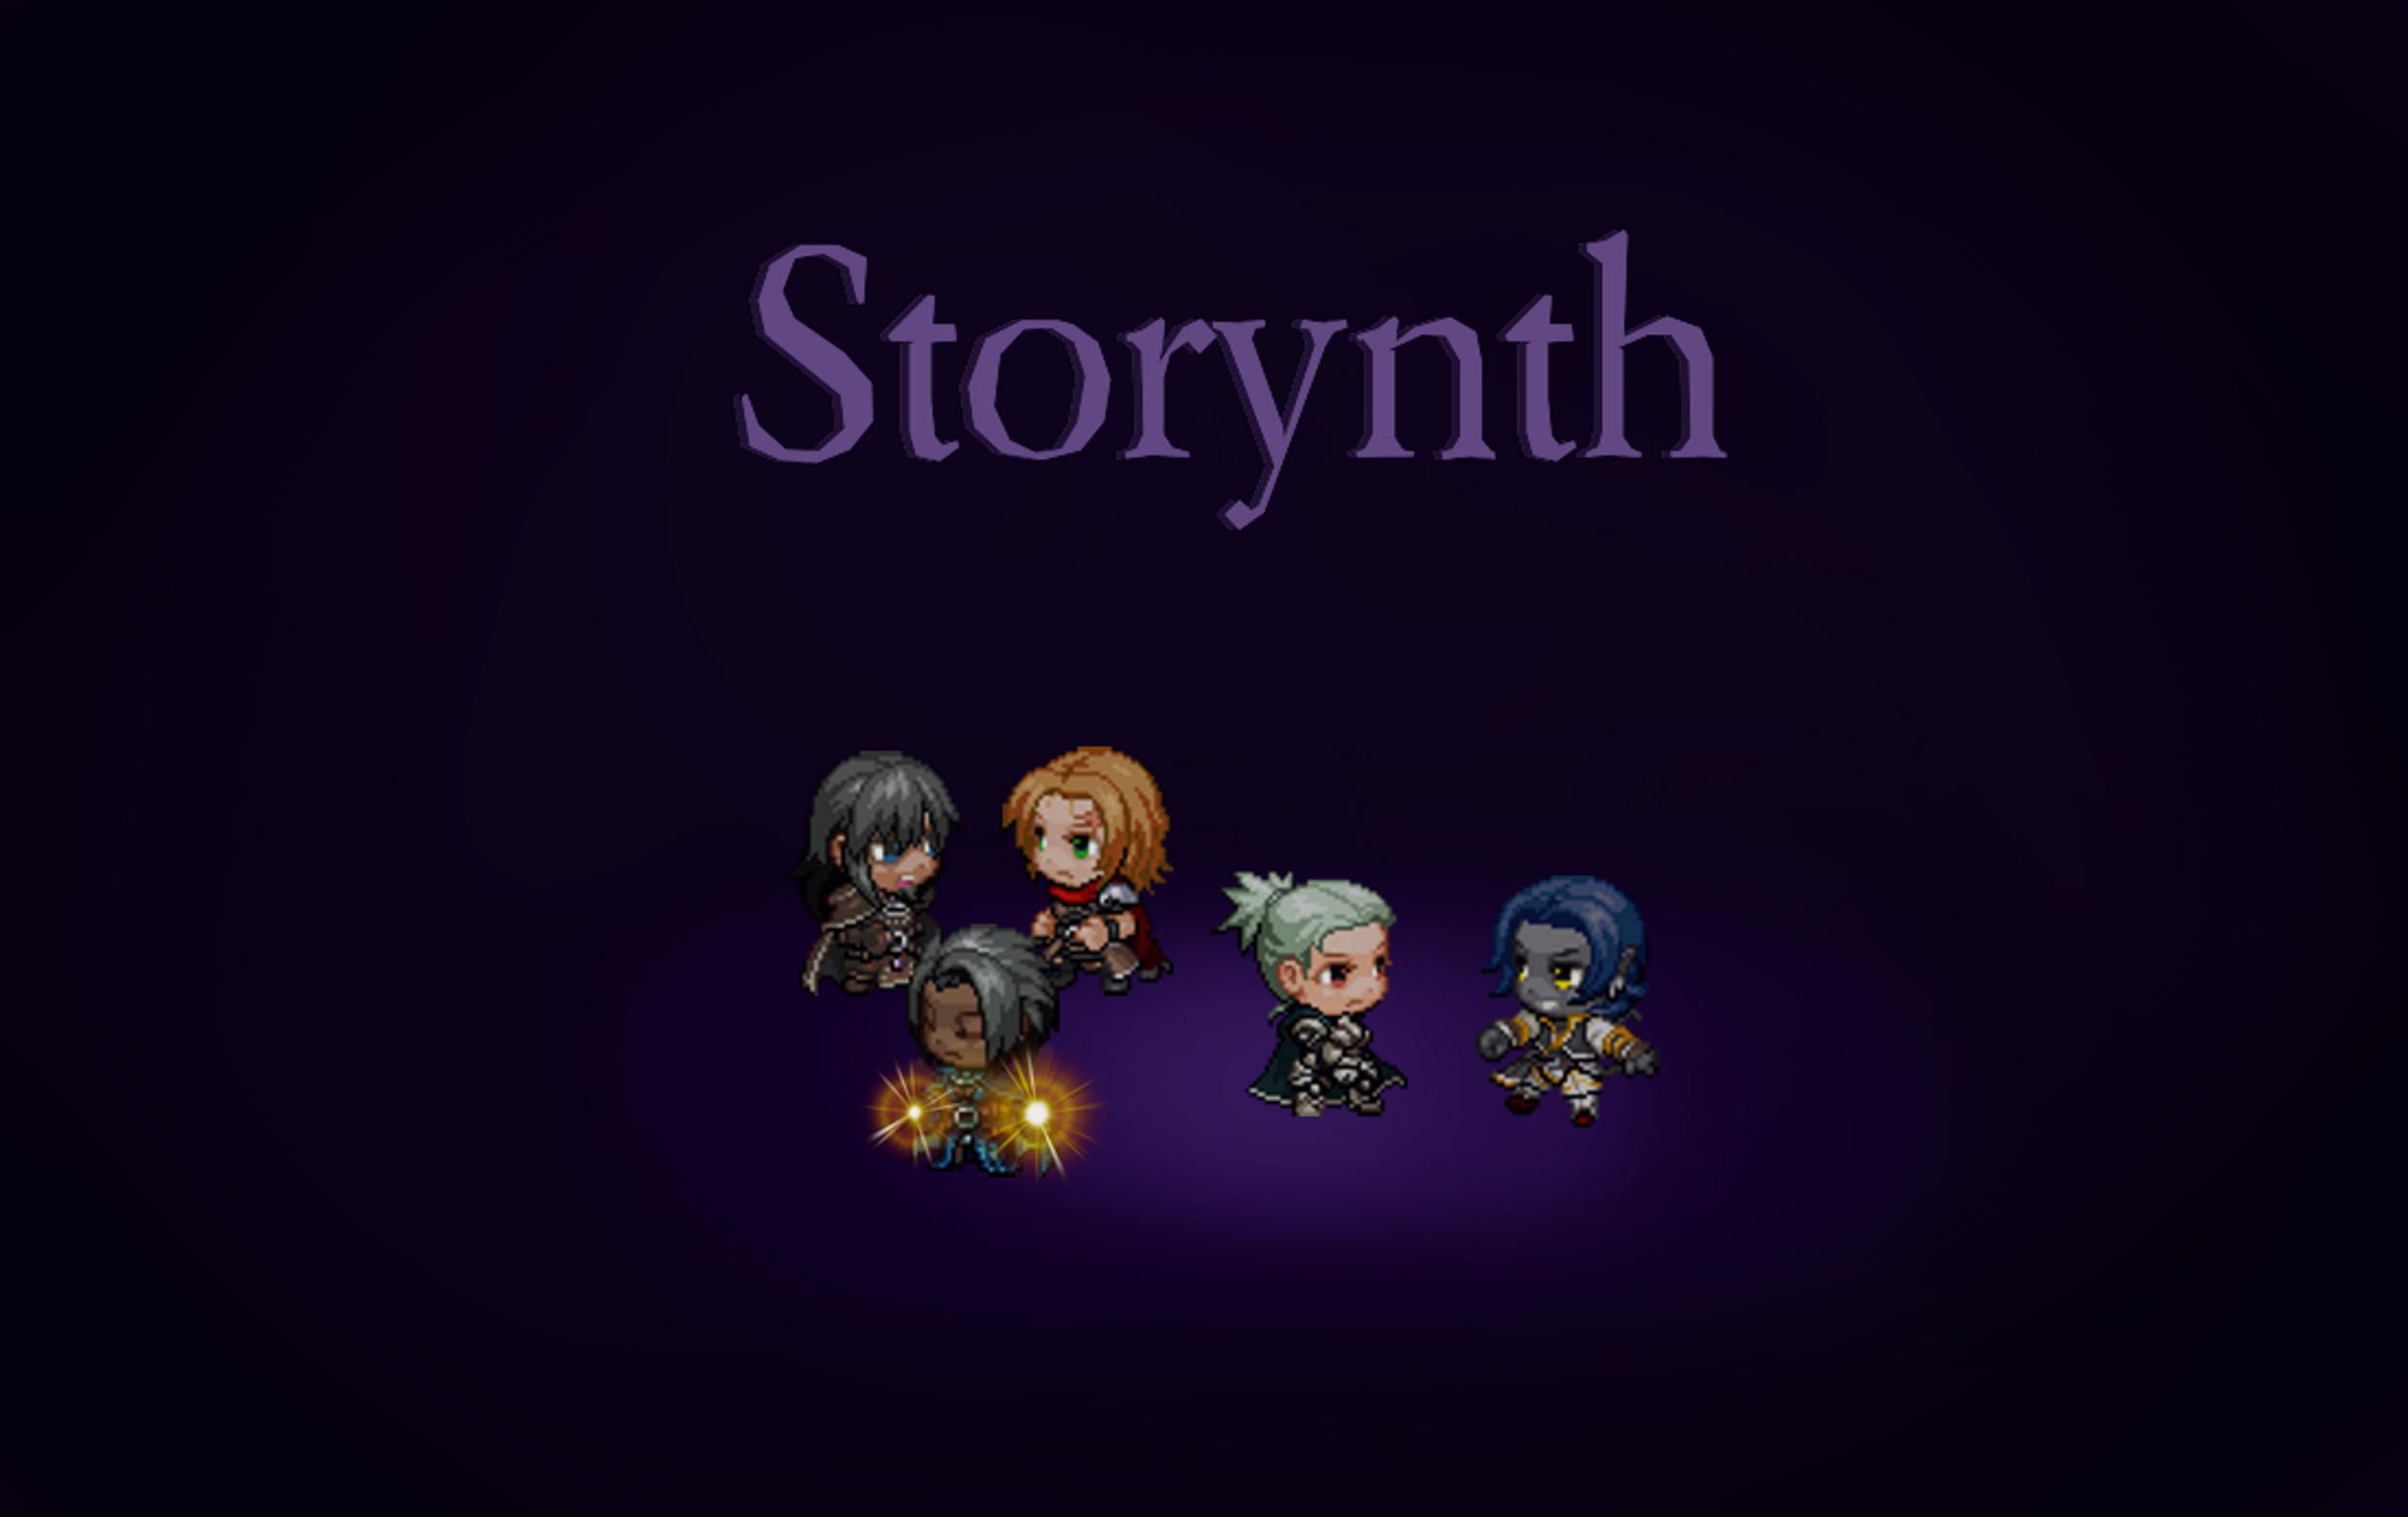 Storynth